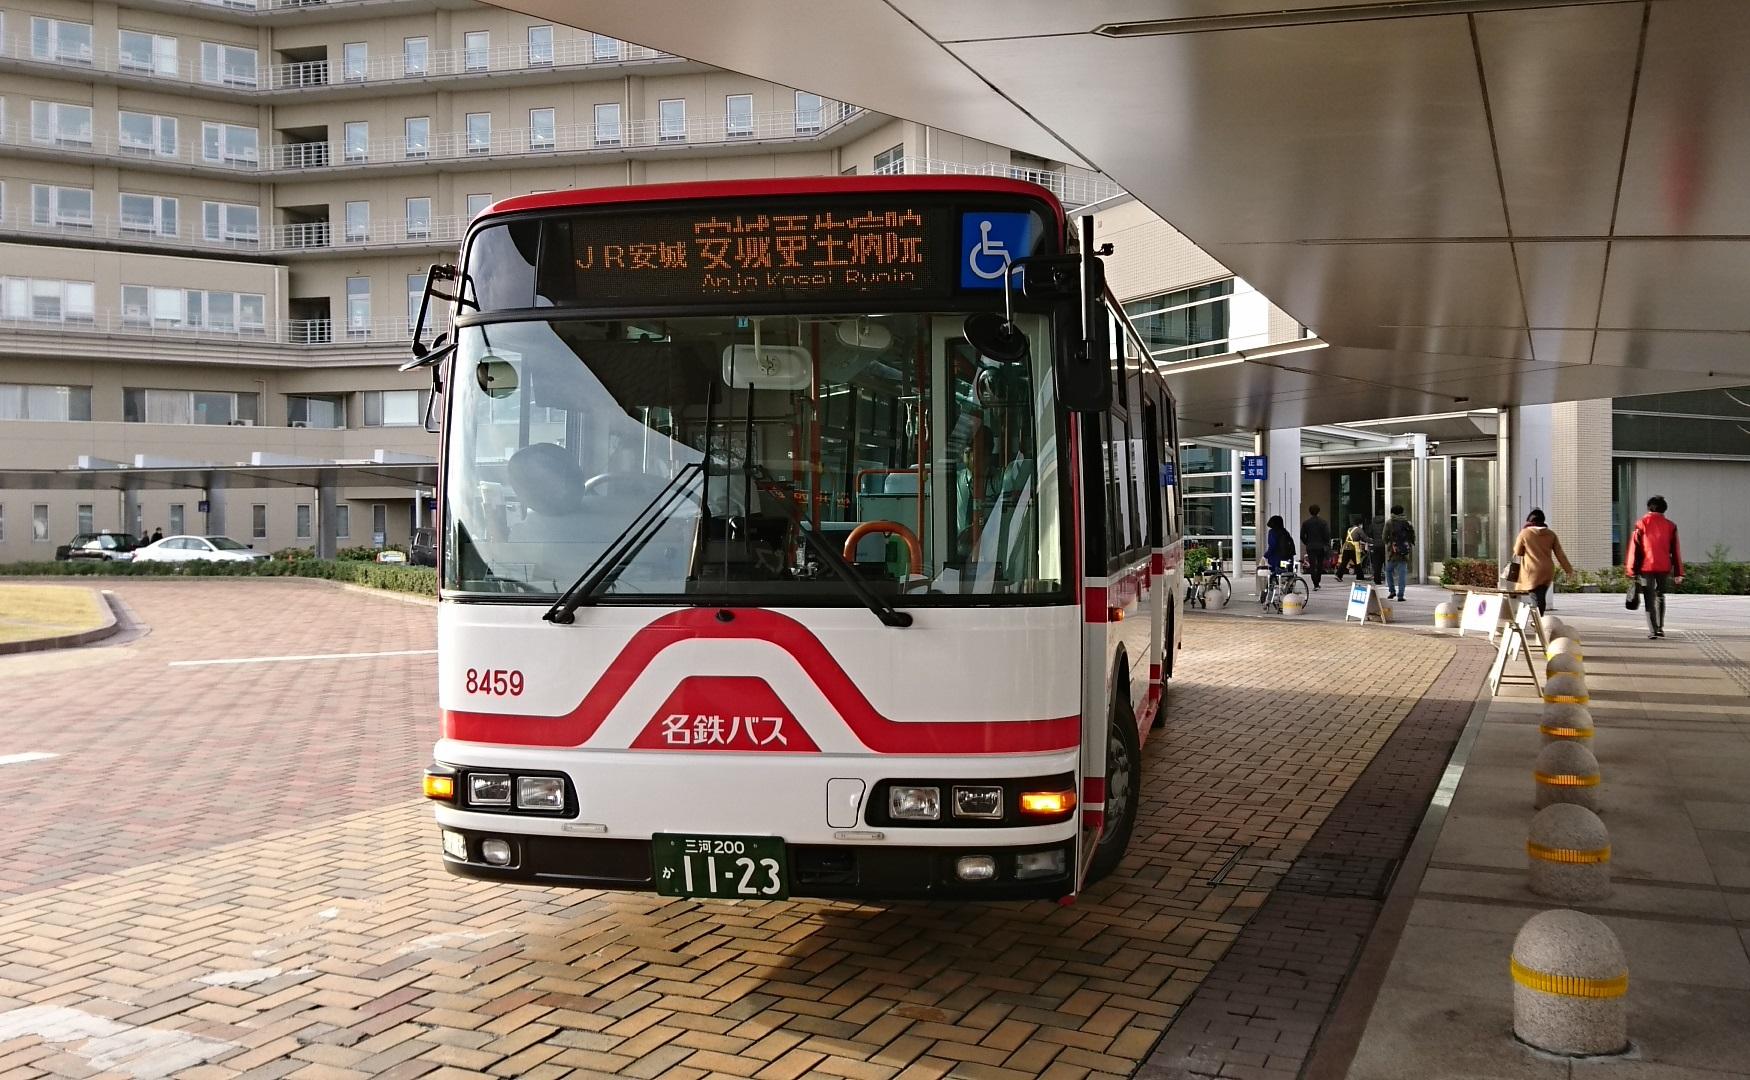 2016.11.28 あさの名鉄バス (1) 更生病院 1750-1080